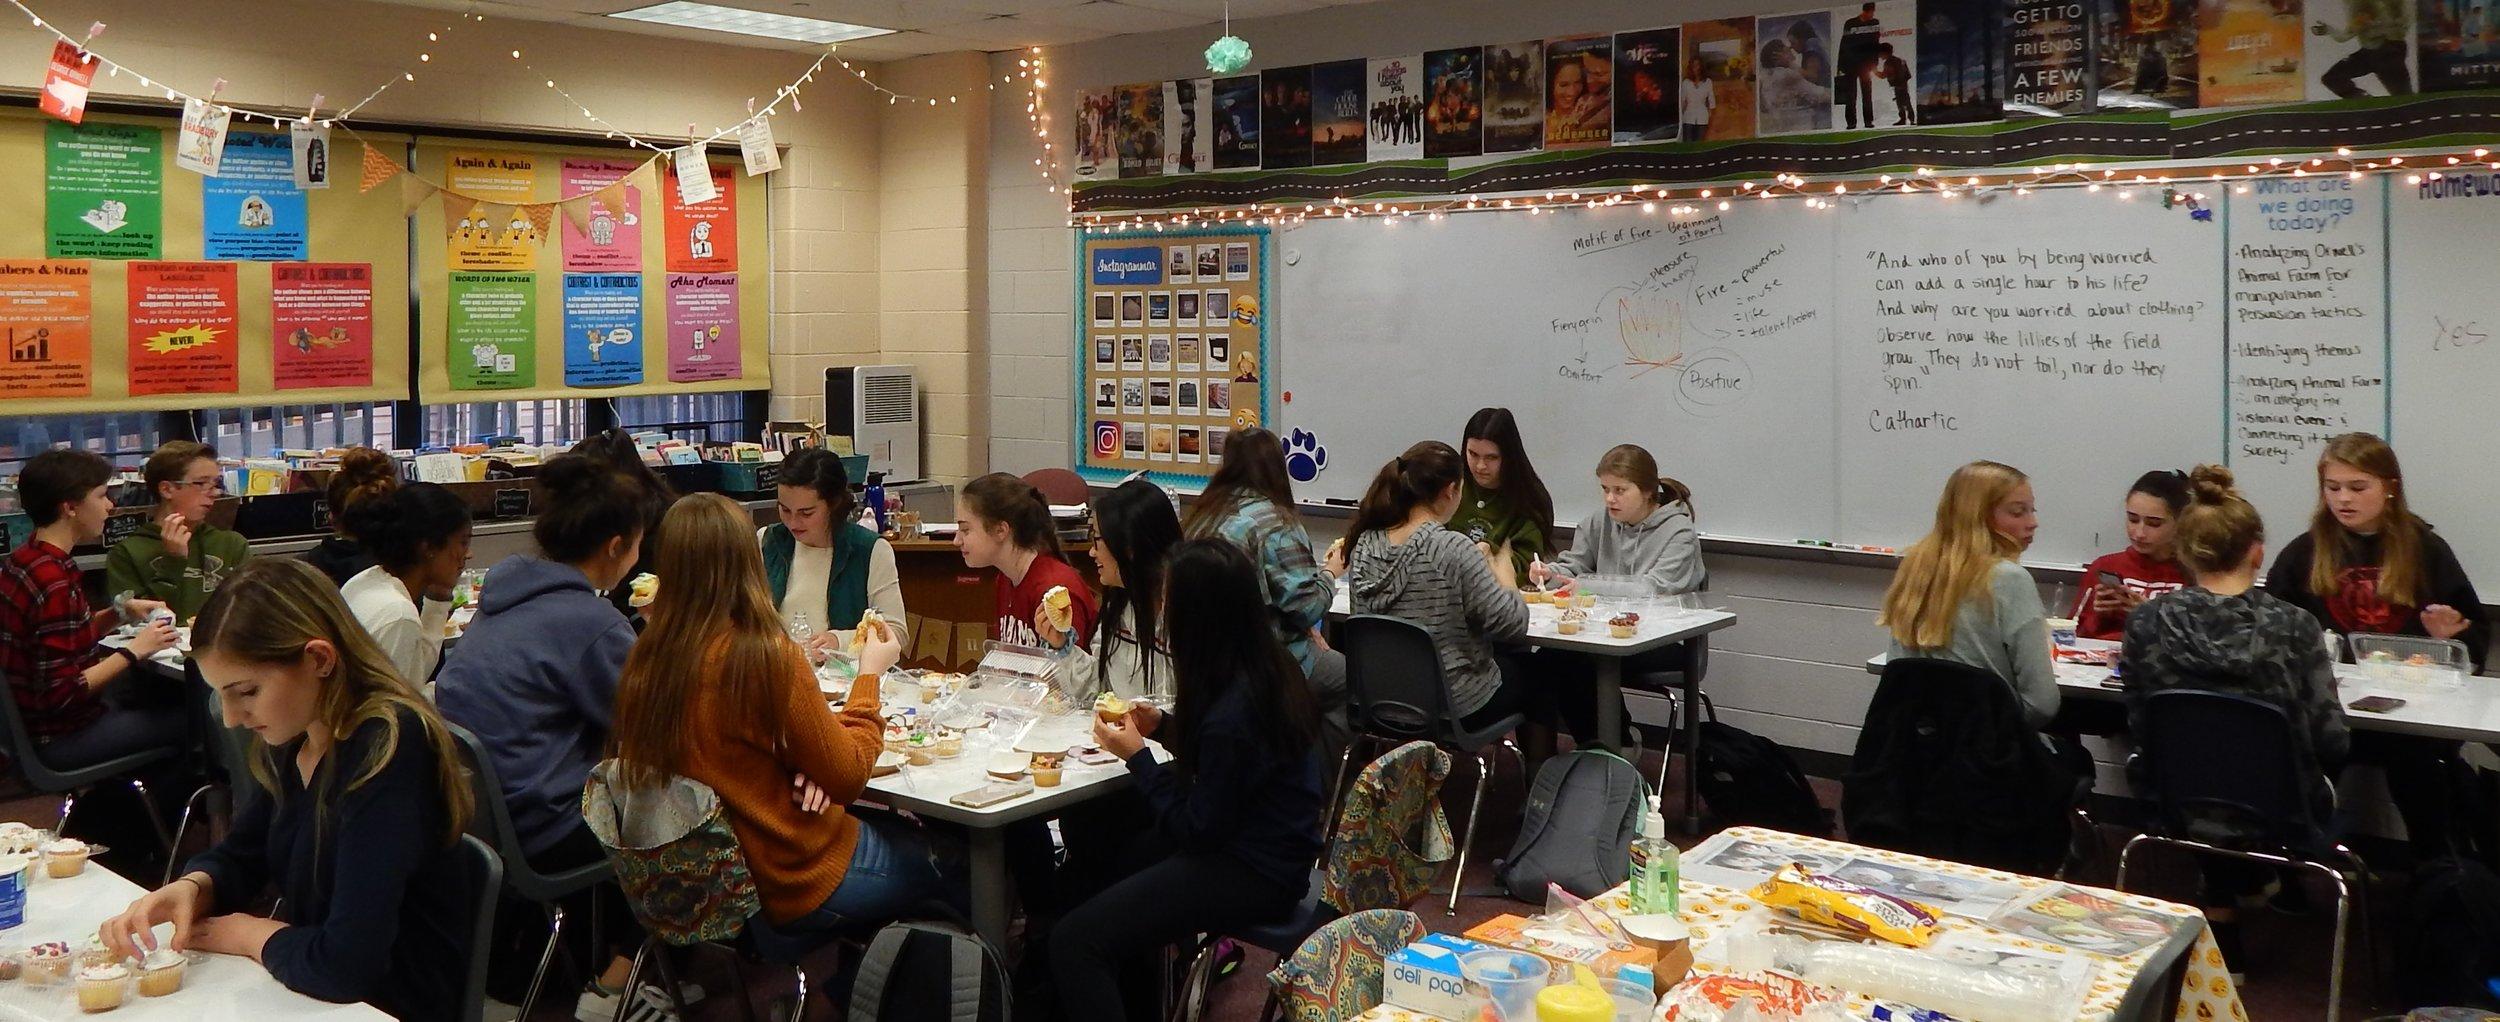 HHHS 12-11 Cupcake Party 2.jpg